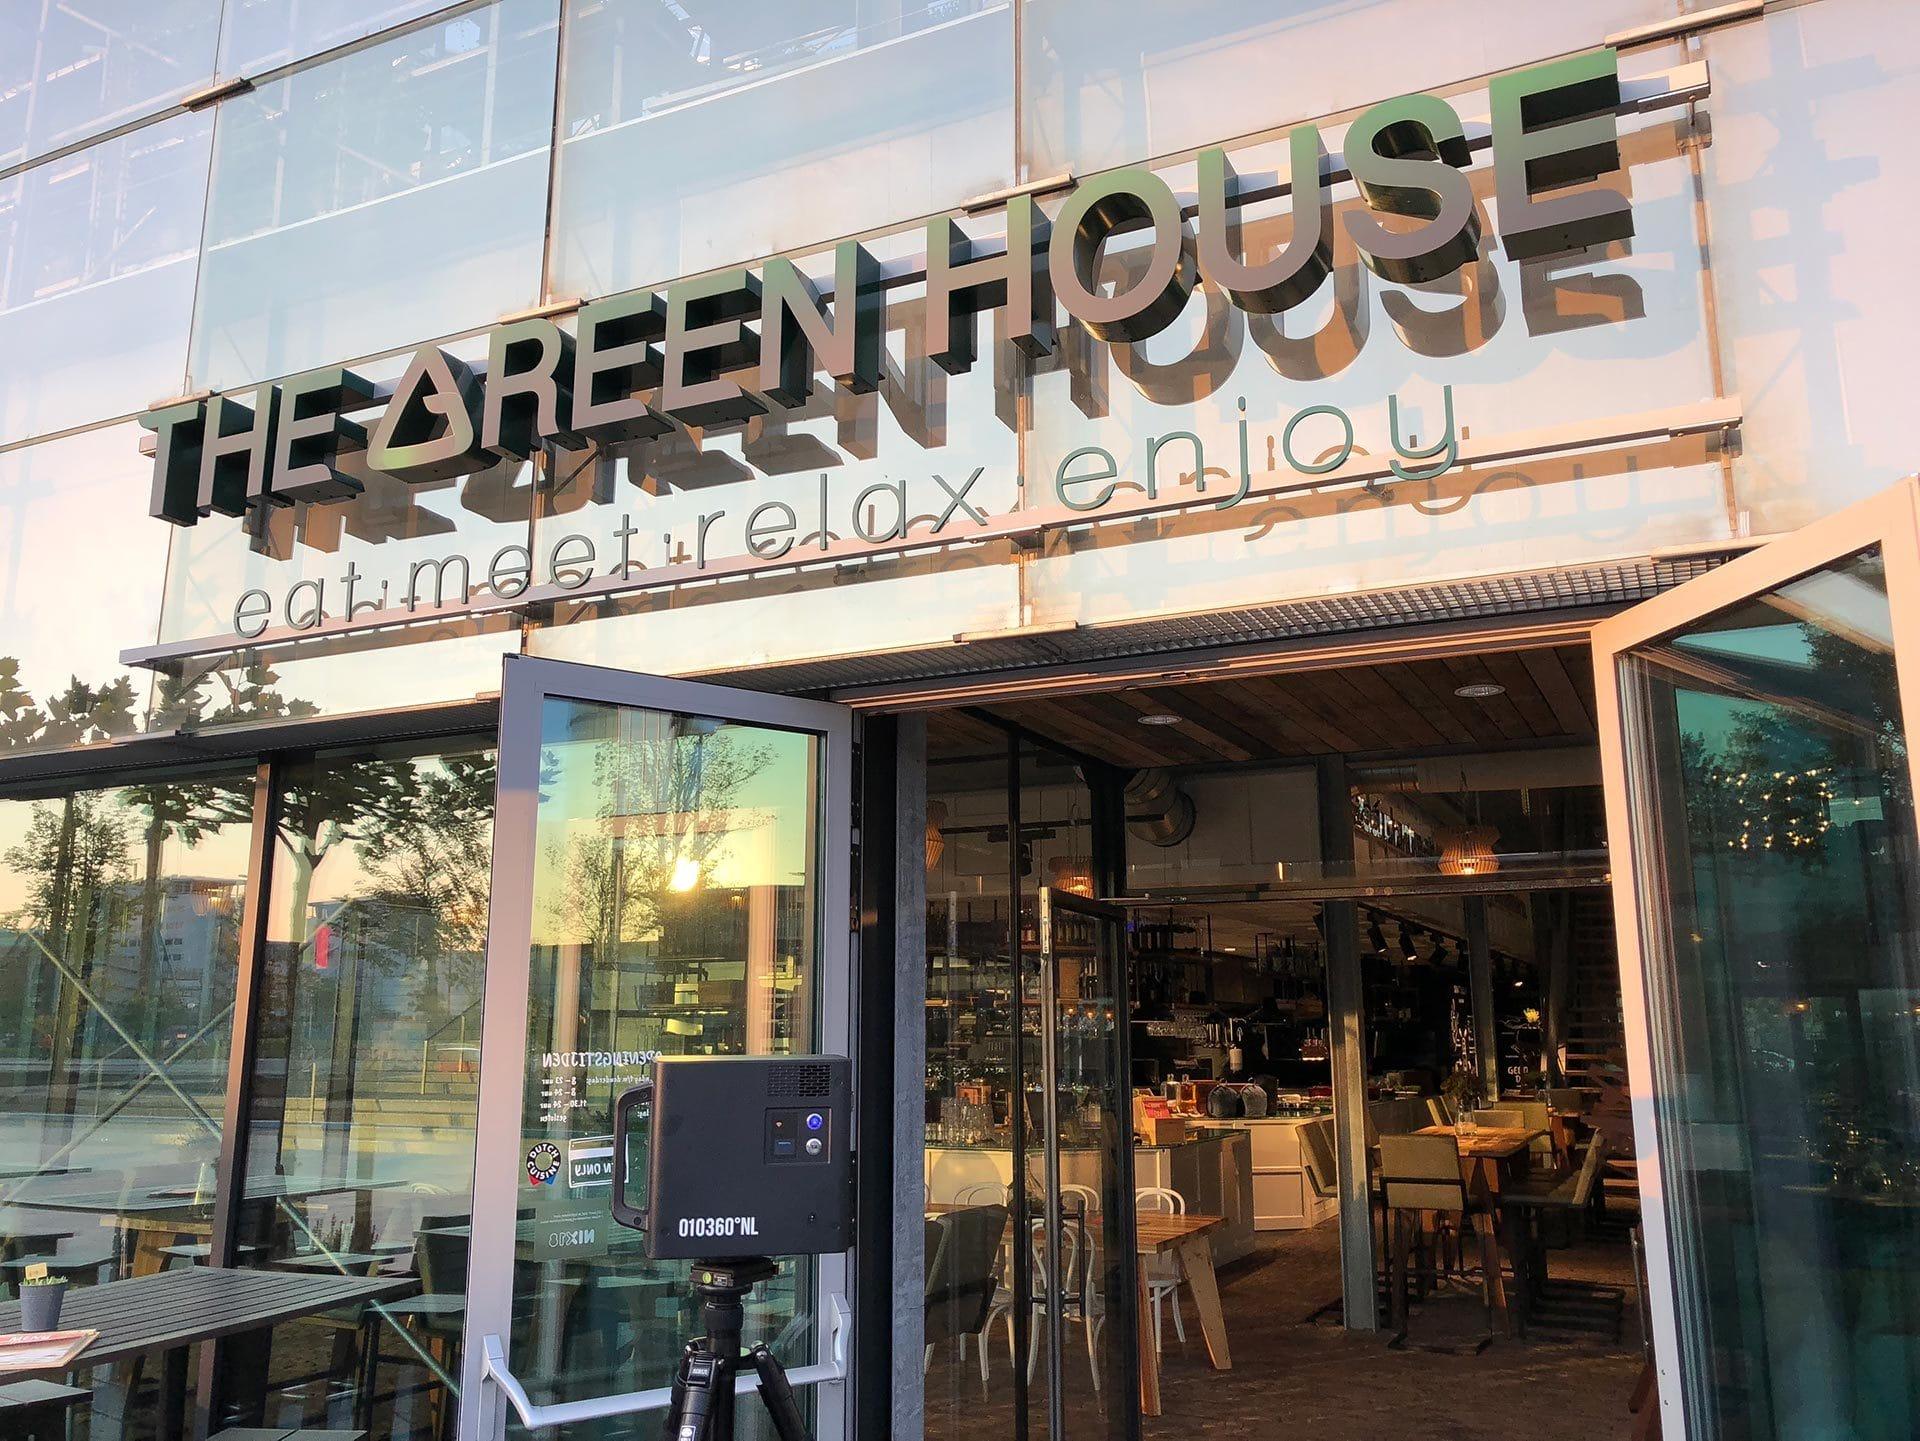 THE GREEN HOUSE UTRECHT